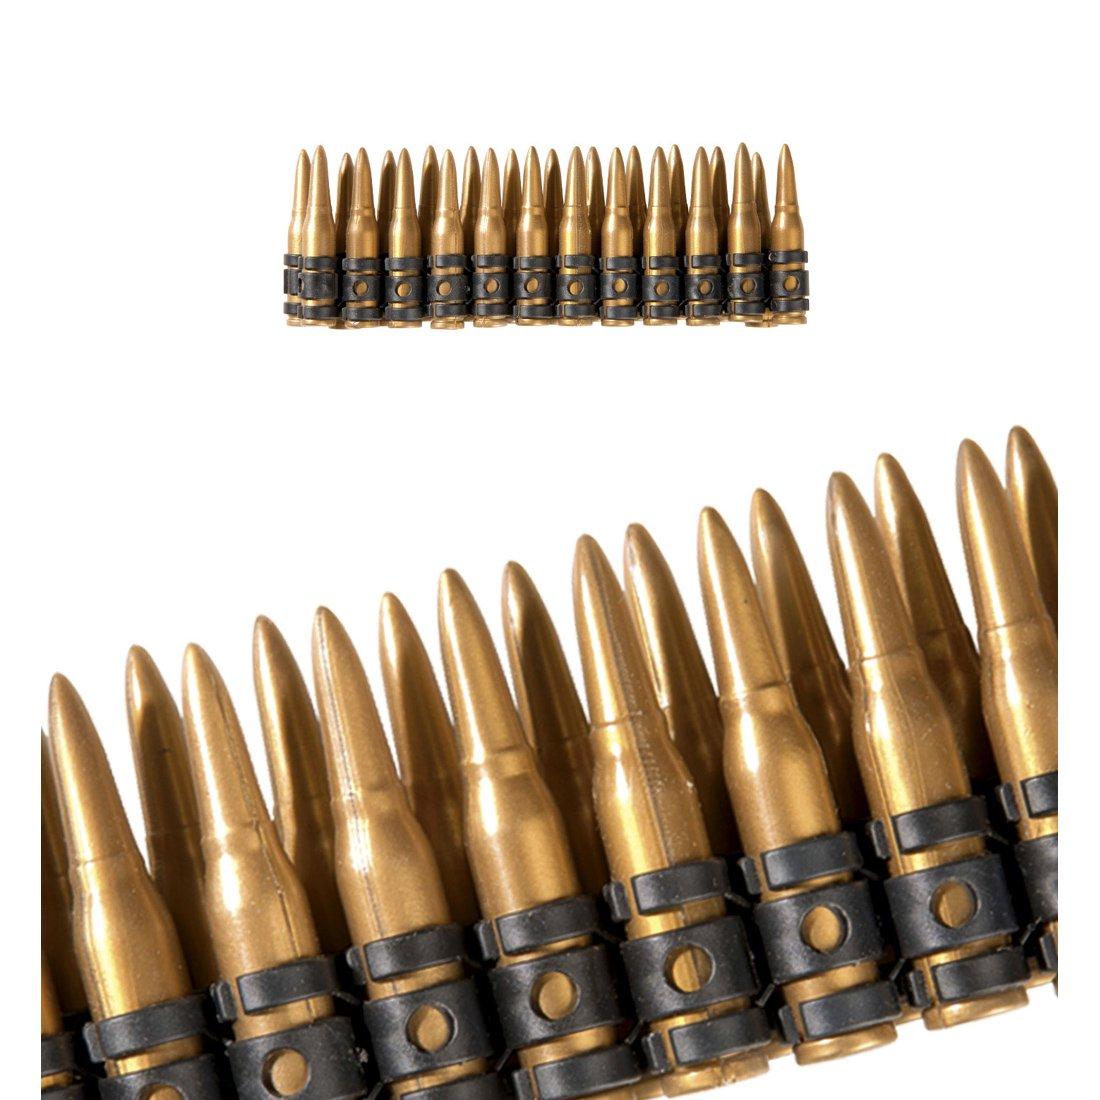 Ceinture cartouches armée Cartouchière soldat 24 coup de feu ceinture à munitions armée accessoire déguisement de soldat giberne jambes cartouchière militaire Amakando